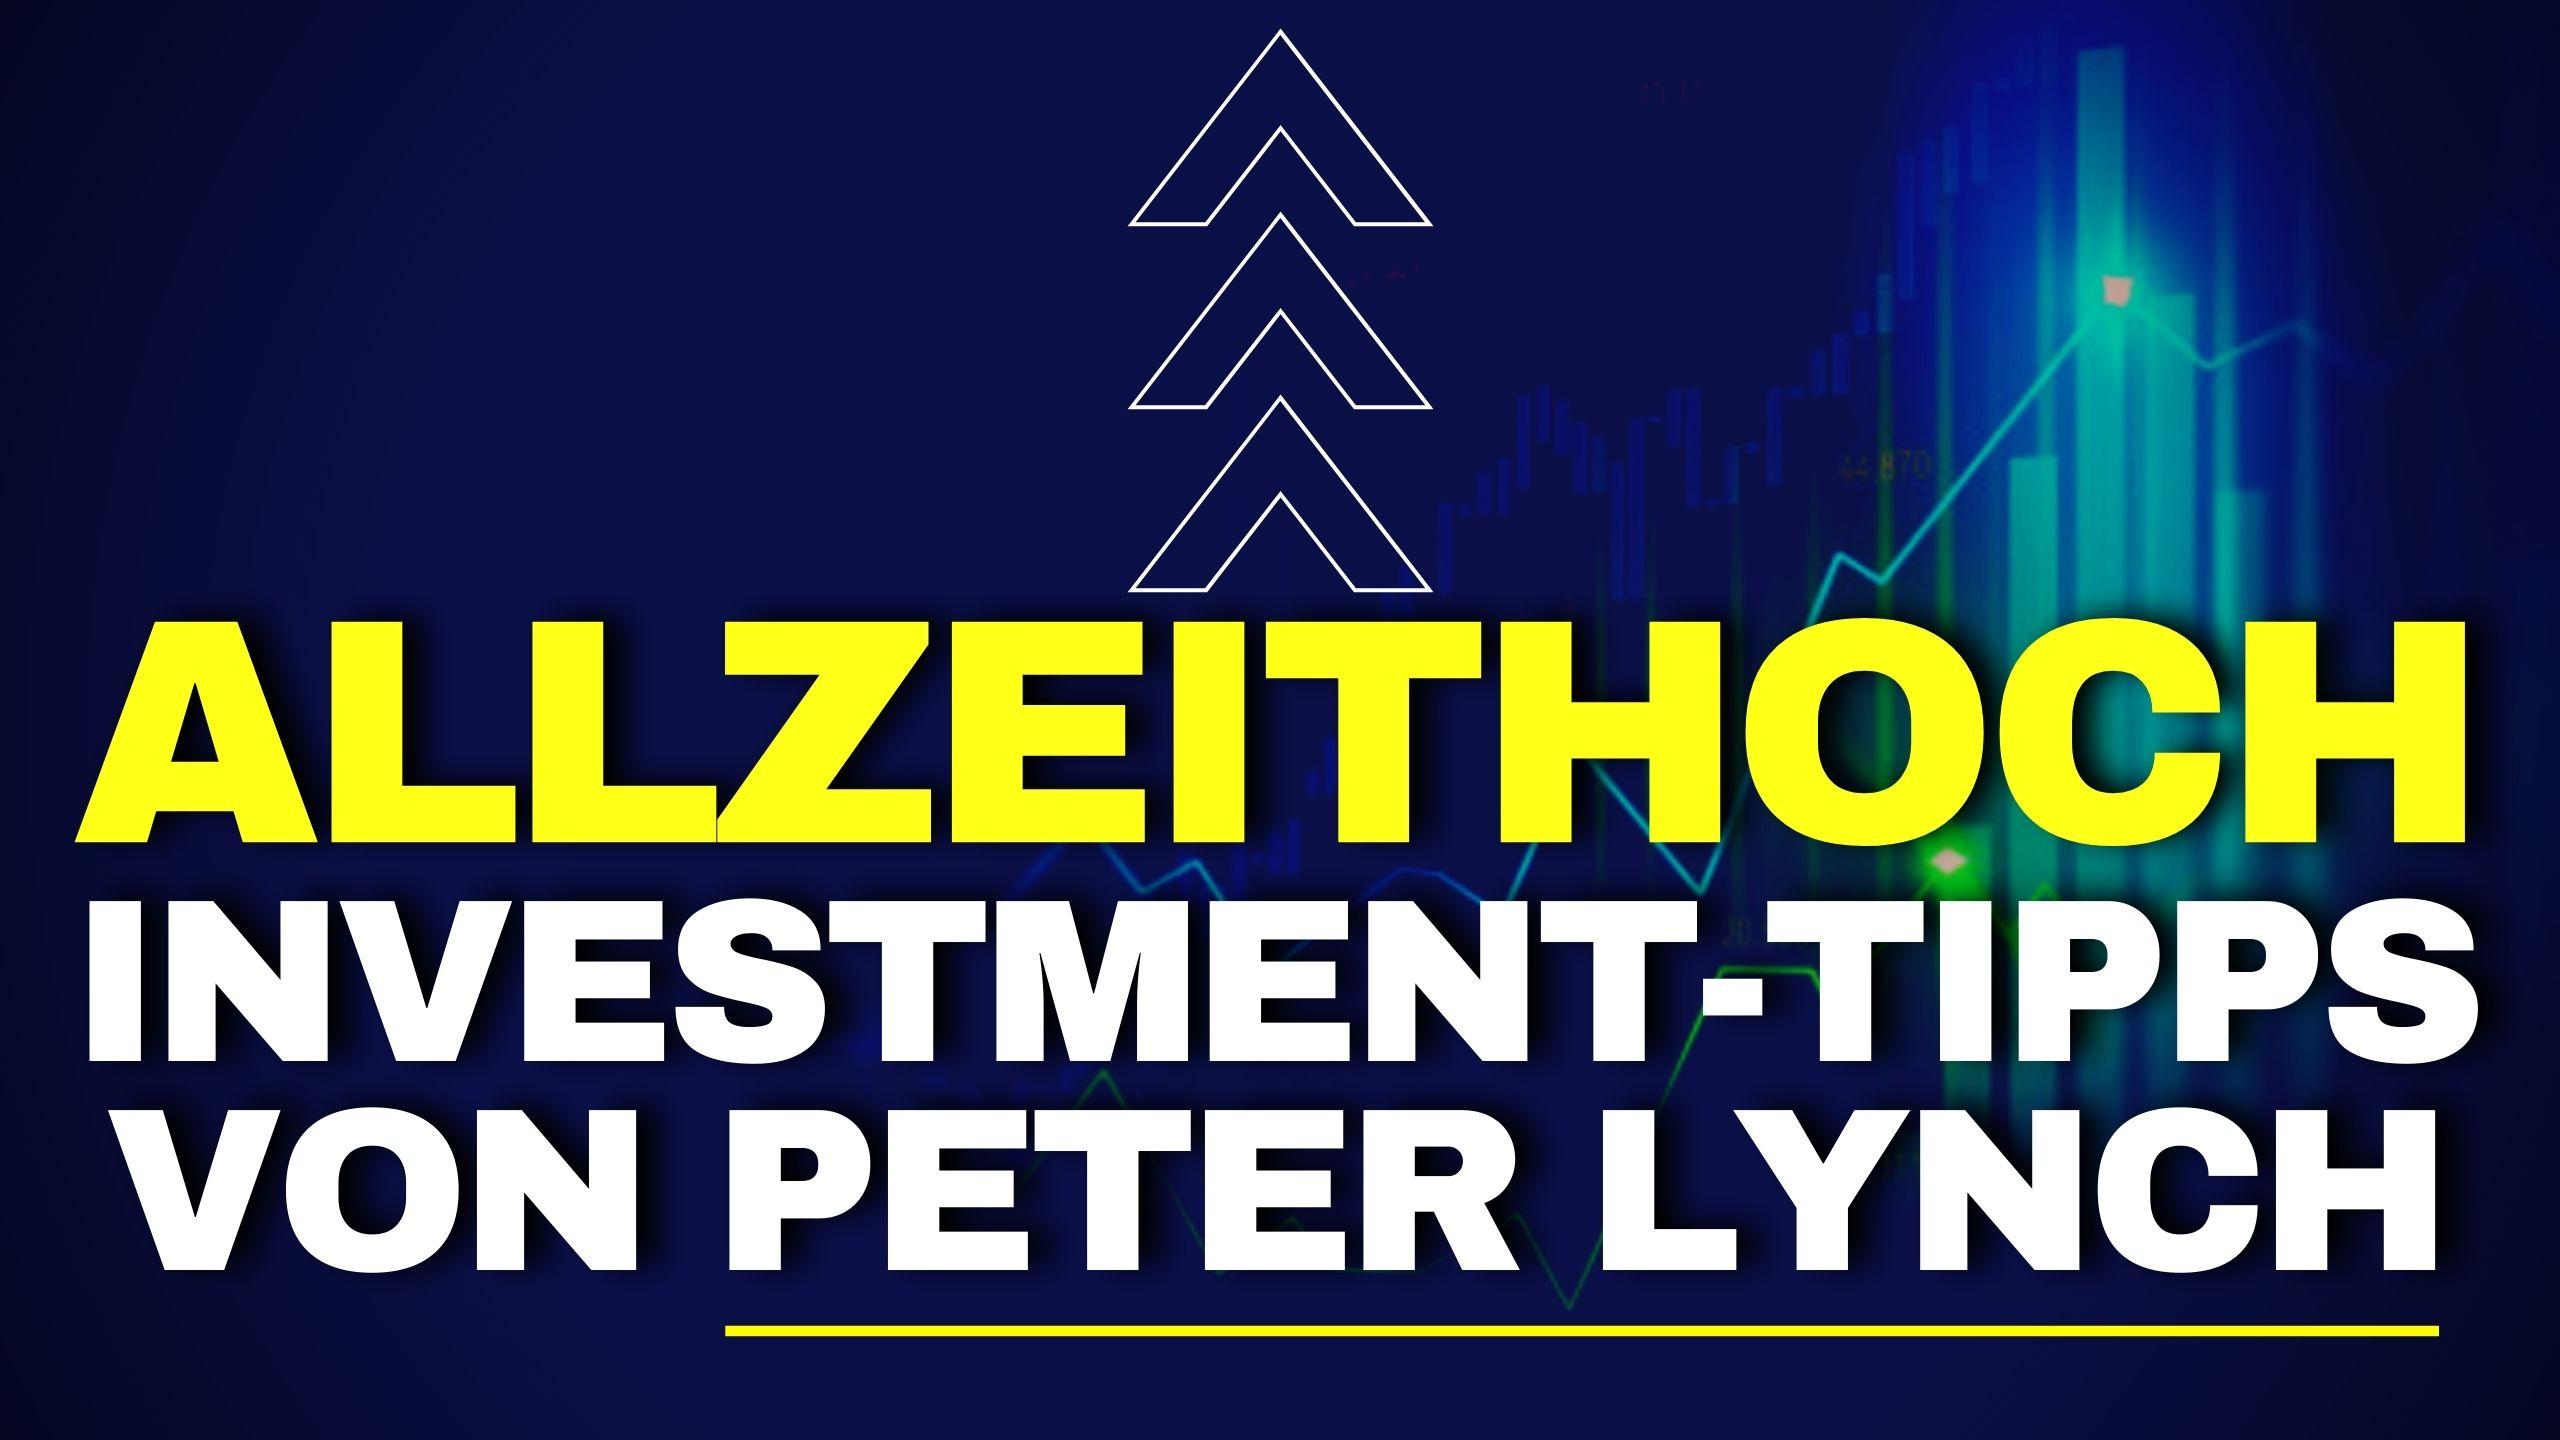 Investment-Tipps von Peter Lynch - Allzeithoch